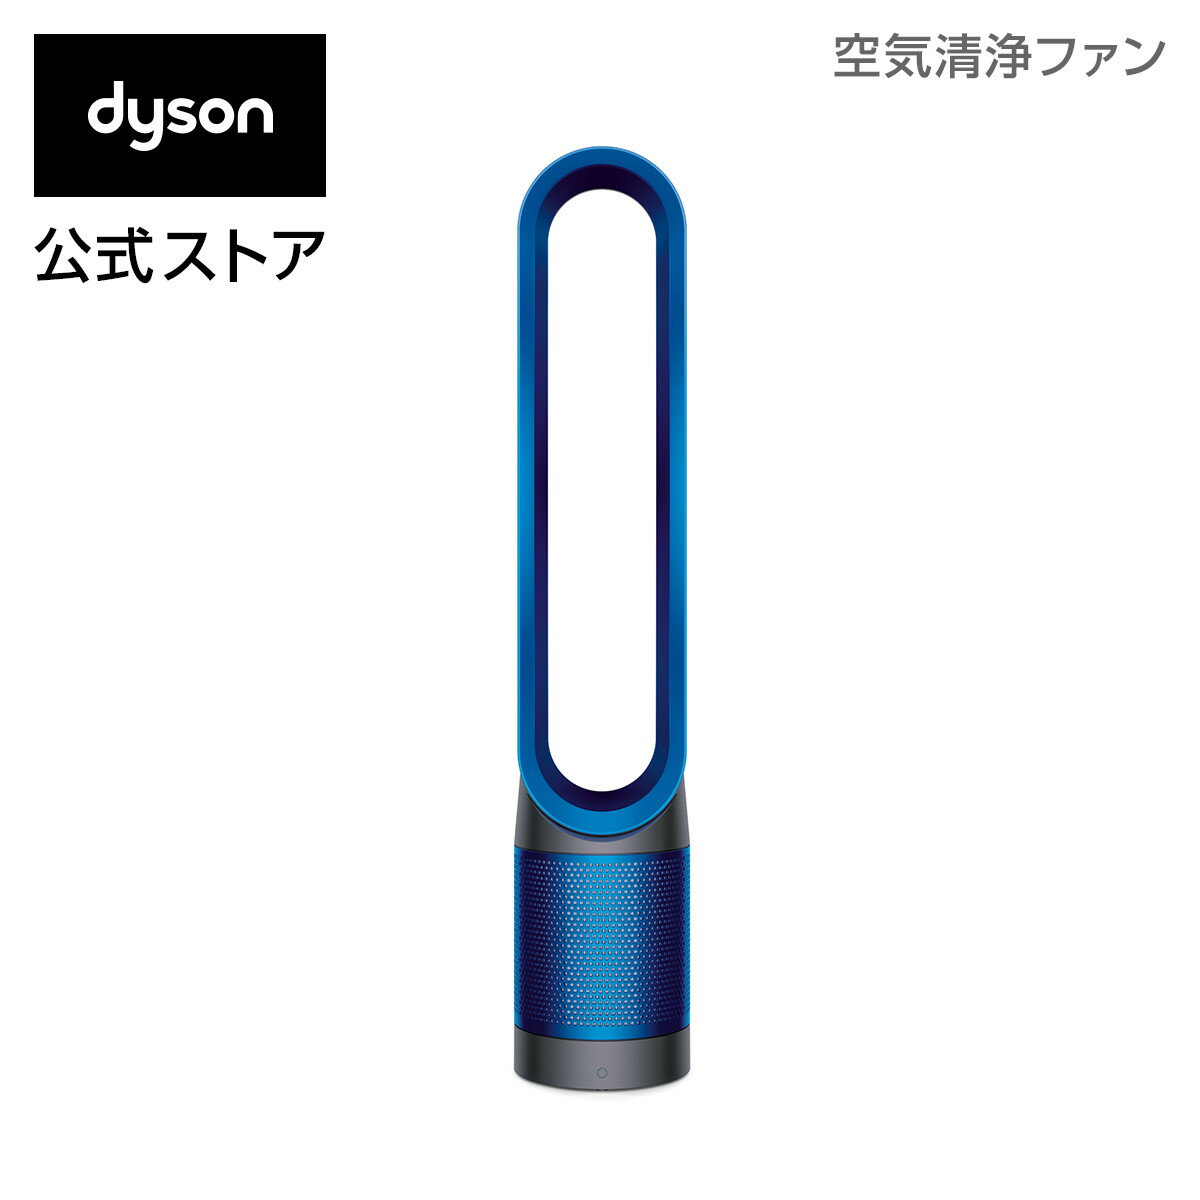 ダイソン Dyson Pure Cool 空気清浄機能付ファン 扇風機 TP00 IB アイアン/サテンブルー 【新品/メーカー2年保証】